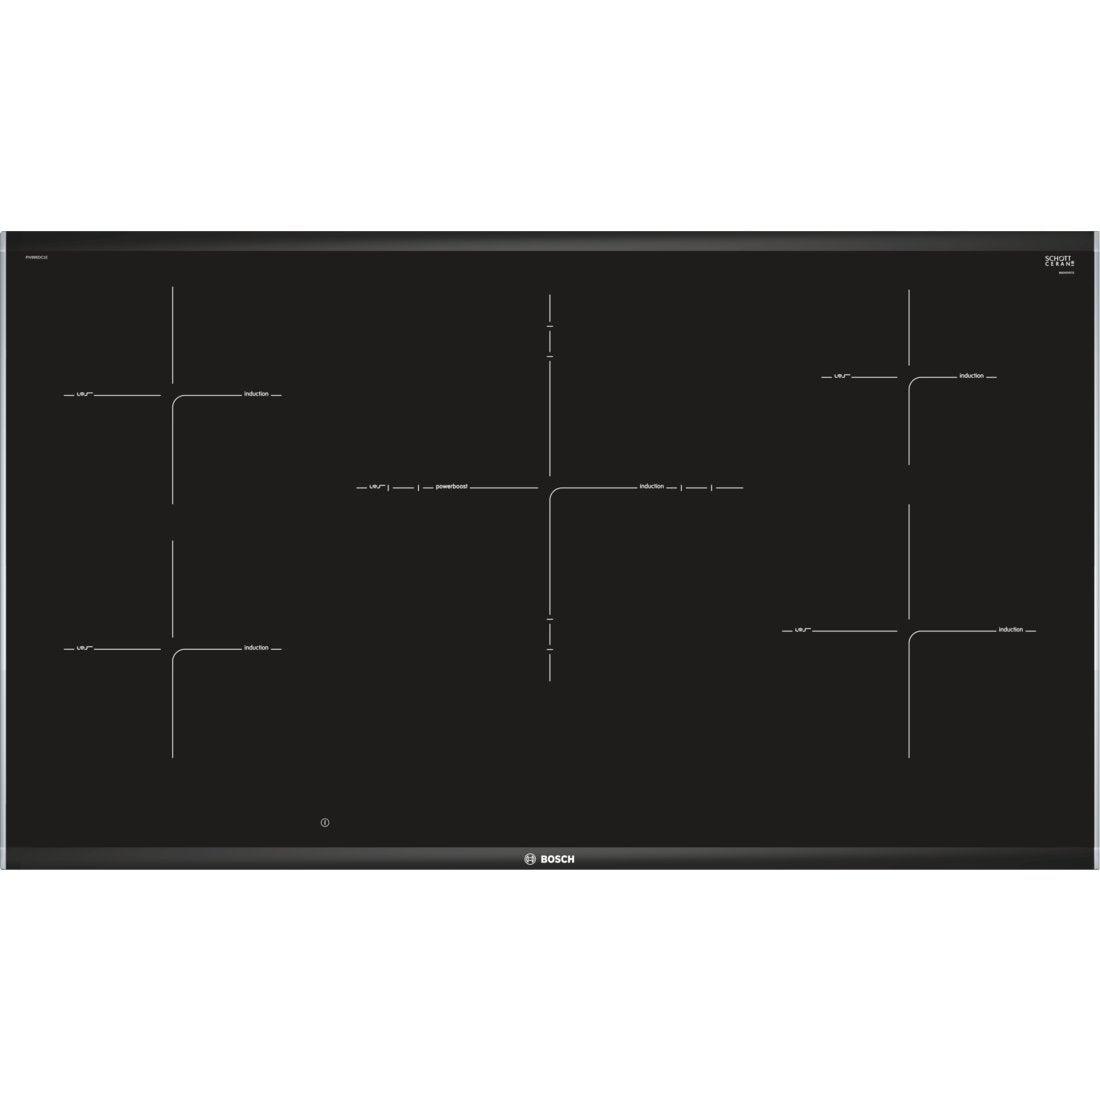 Bosch PIV995DC1E Kitchen Cooktop